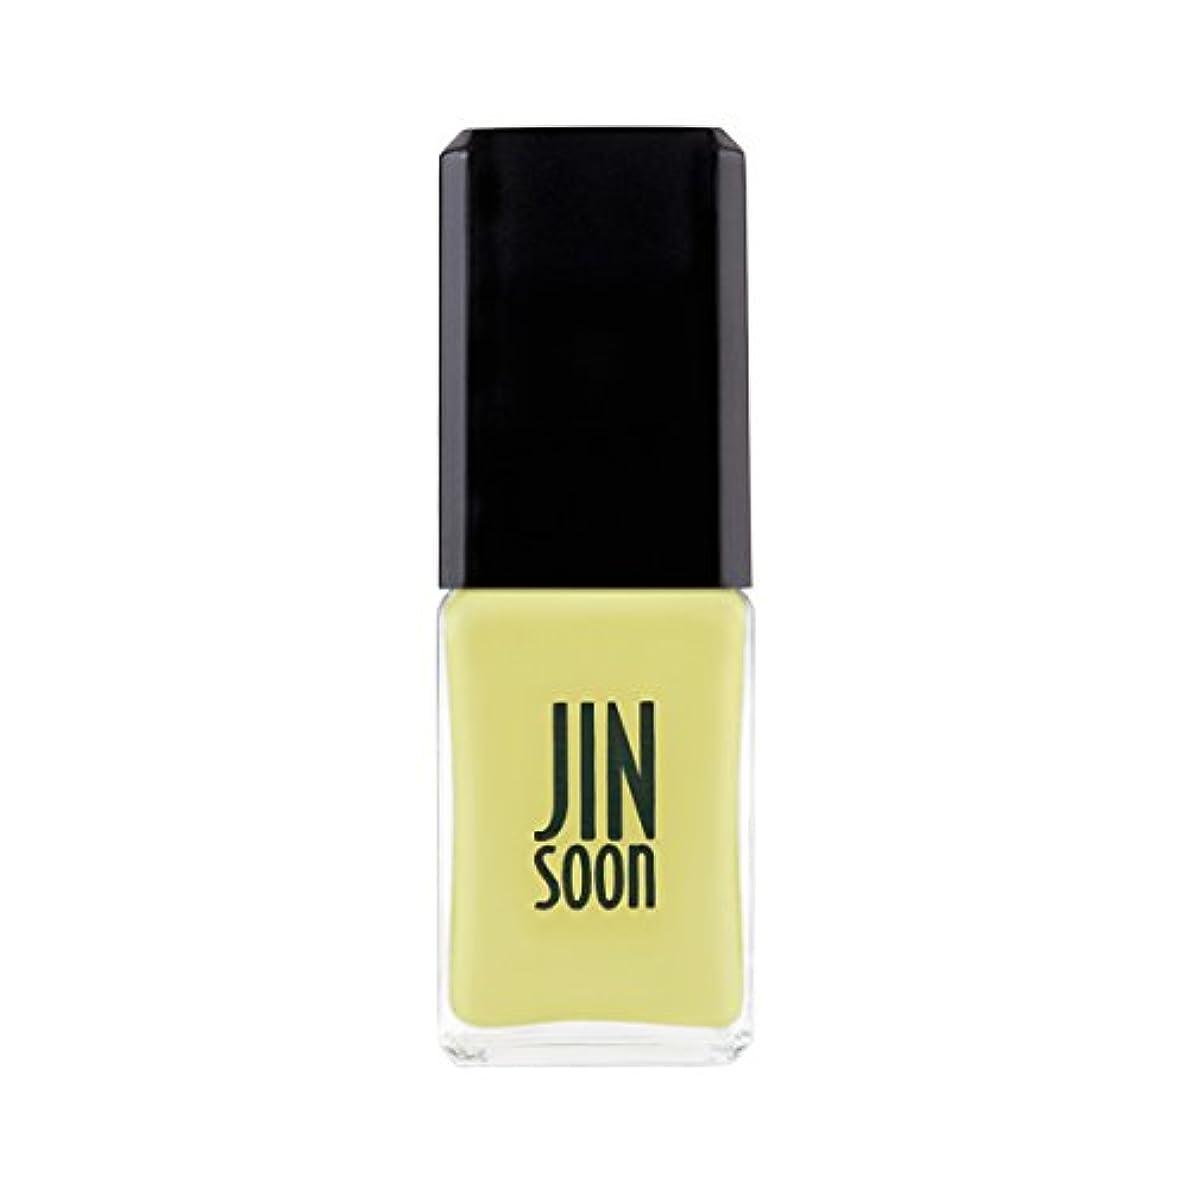 ピンチ奴隷癌[ジンスーン] [ jinsoon] シャルム Charme ジンスーンネイルポリッシュ 爪に優しい成分 11mL